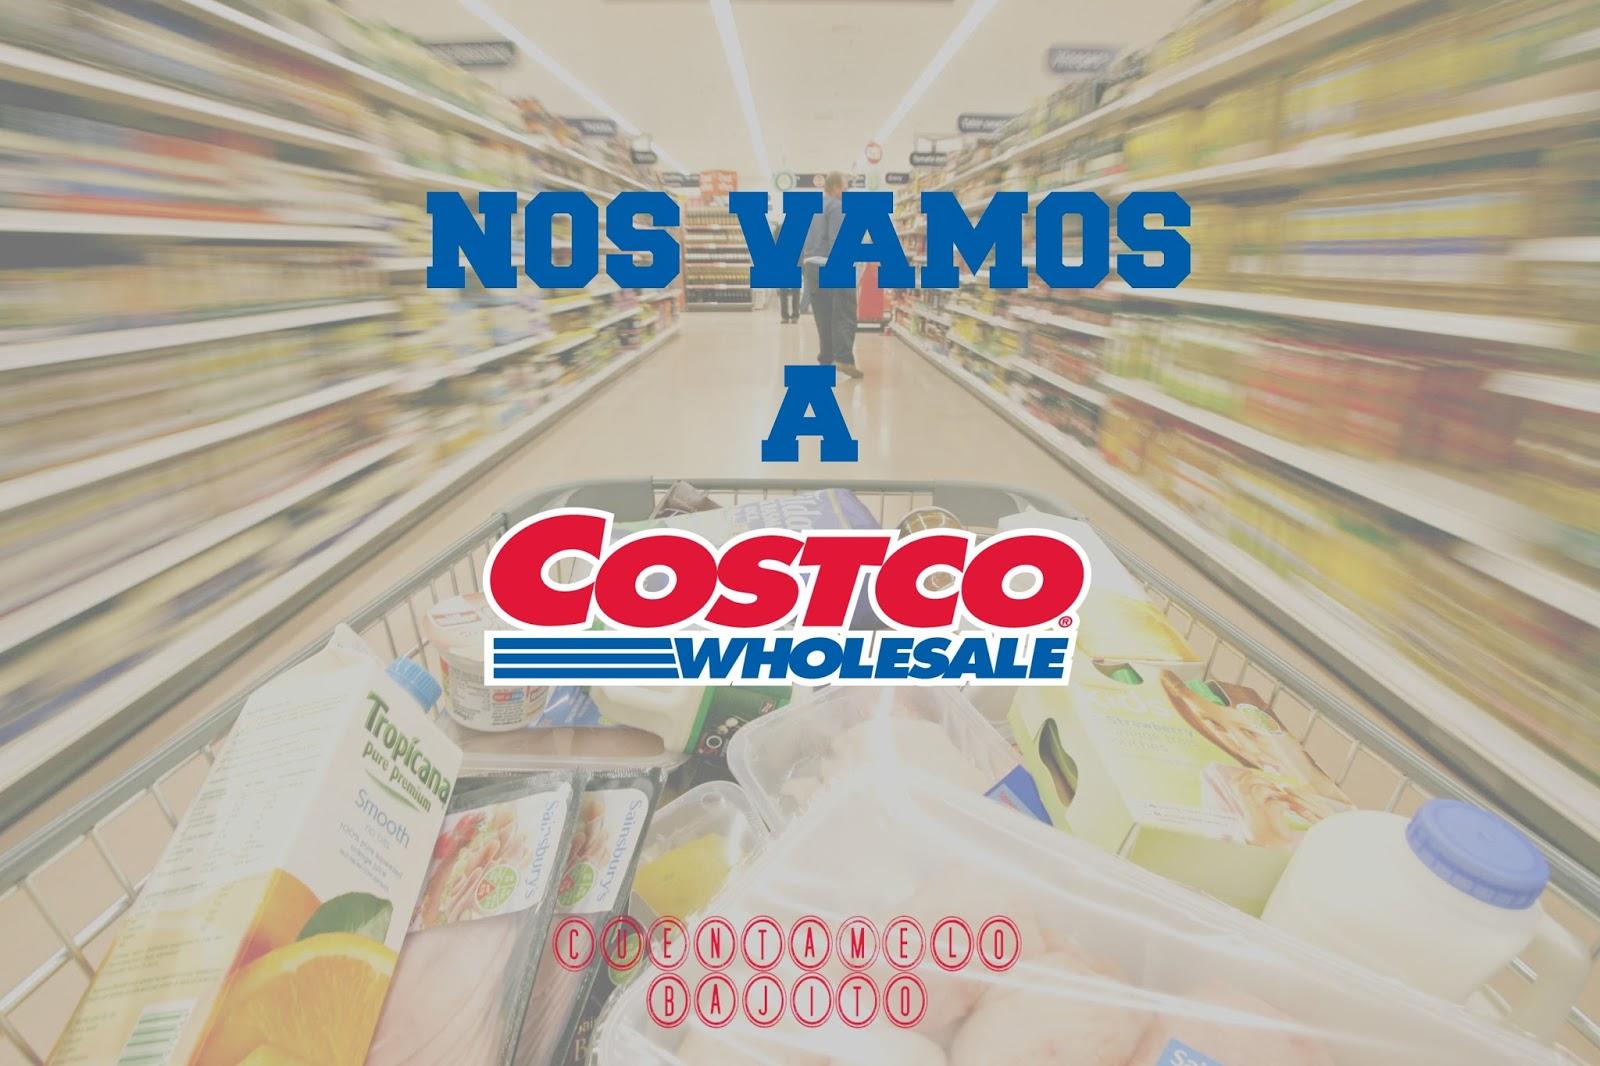 Cuéntamelo Bajito: Nos vamos a COSTCO Wholesale